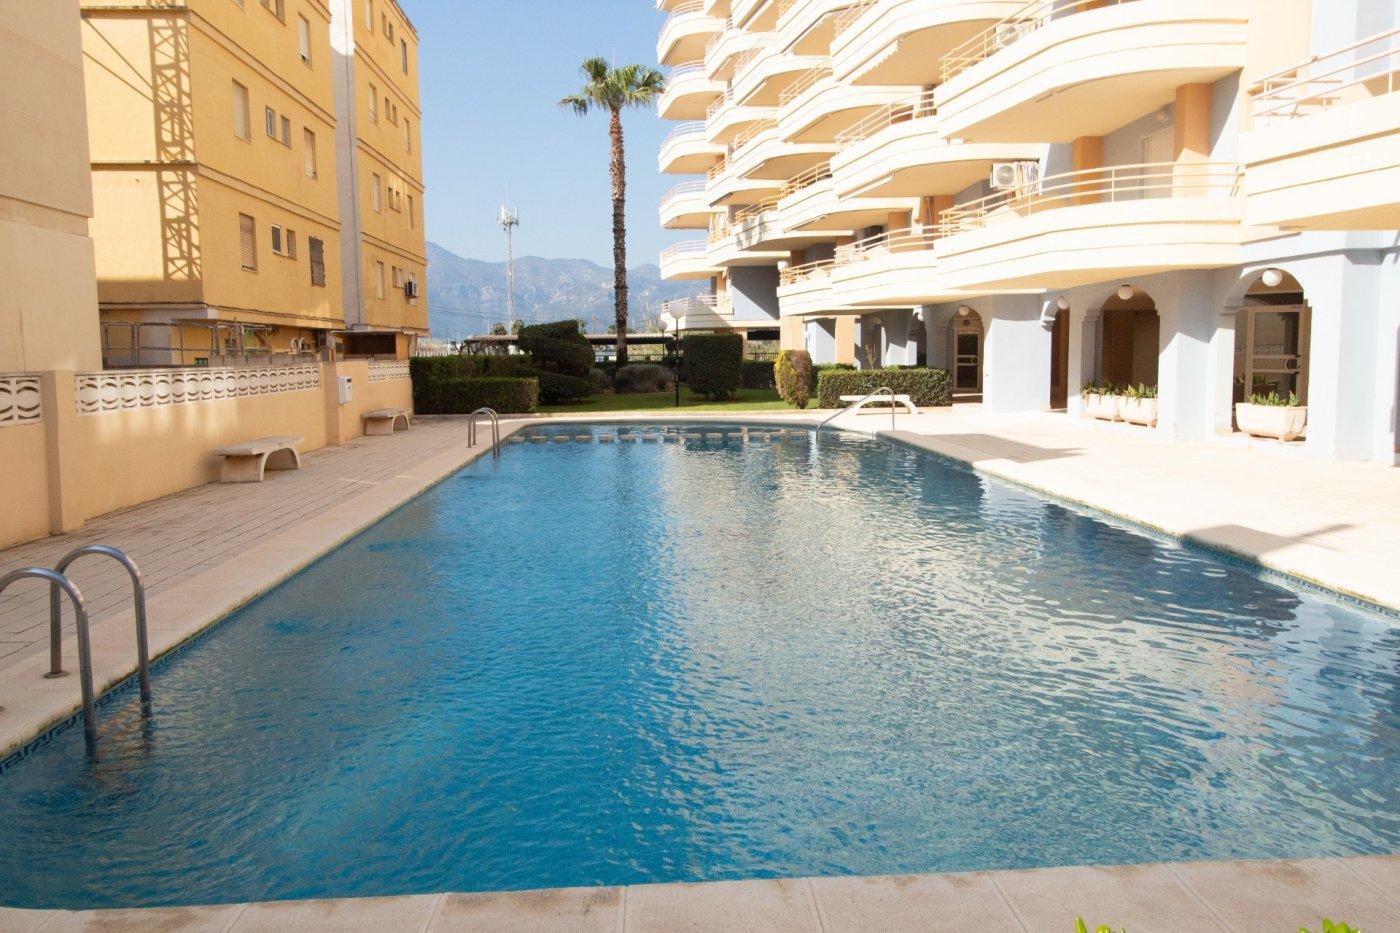 apartamento en xeraco · playa---xeraco 155000€